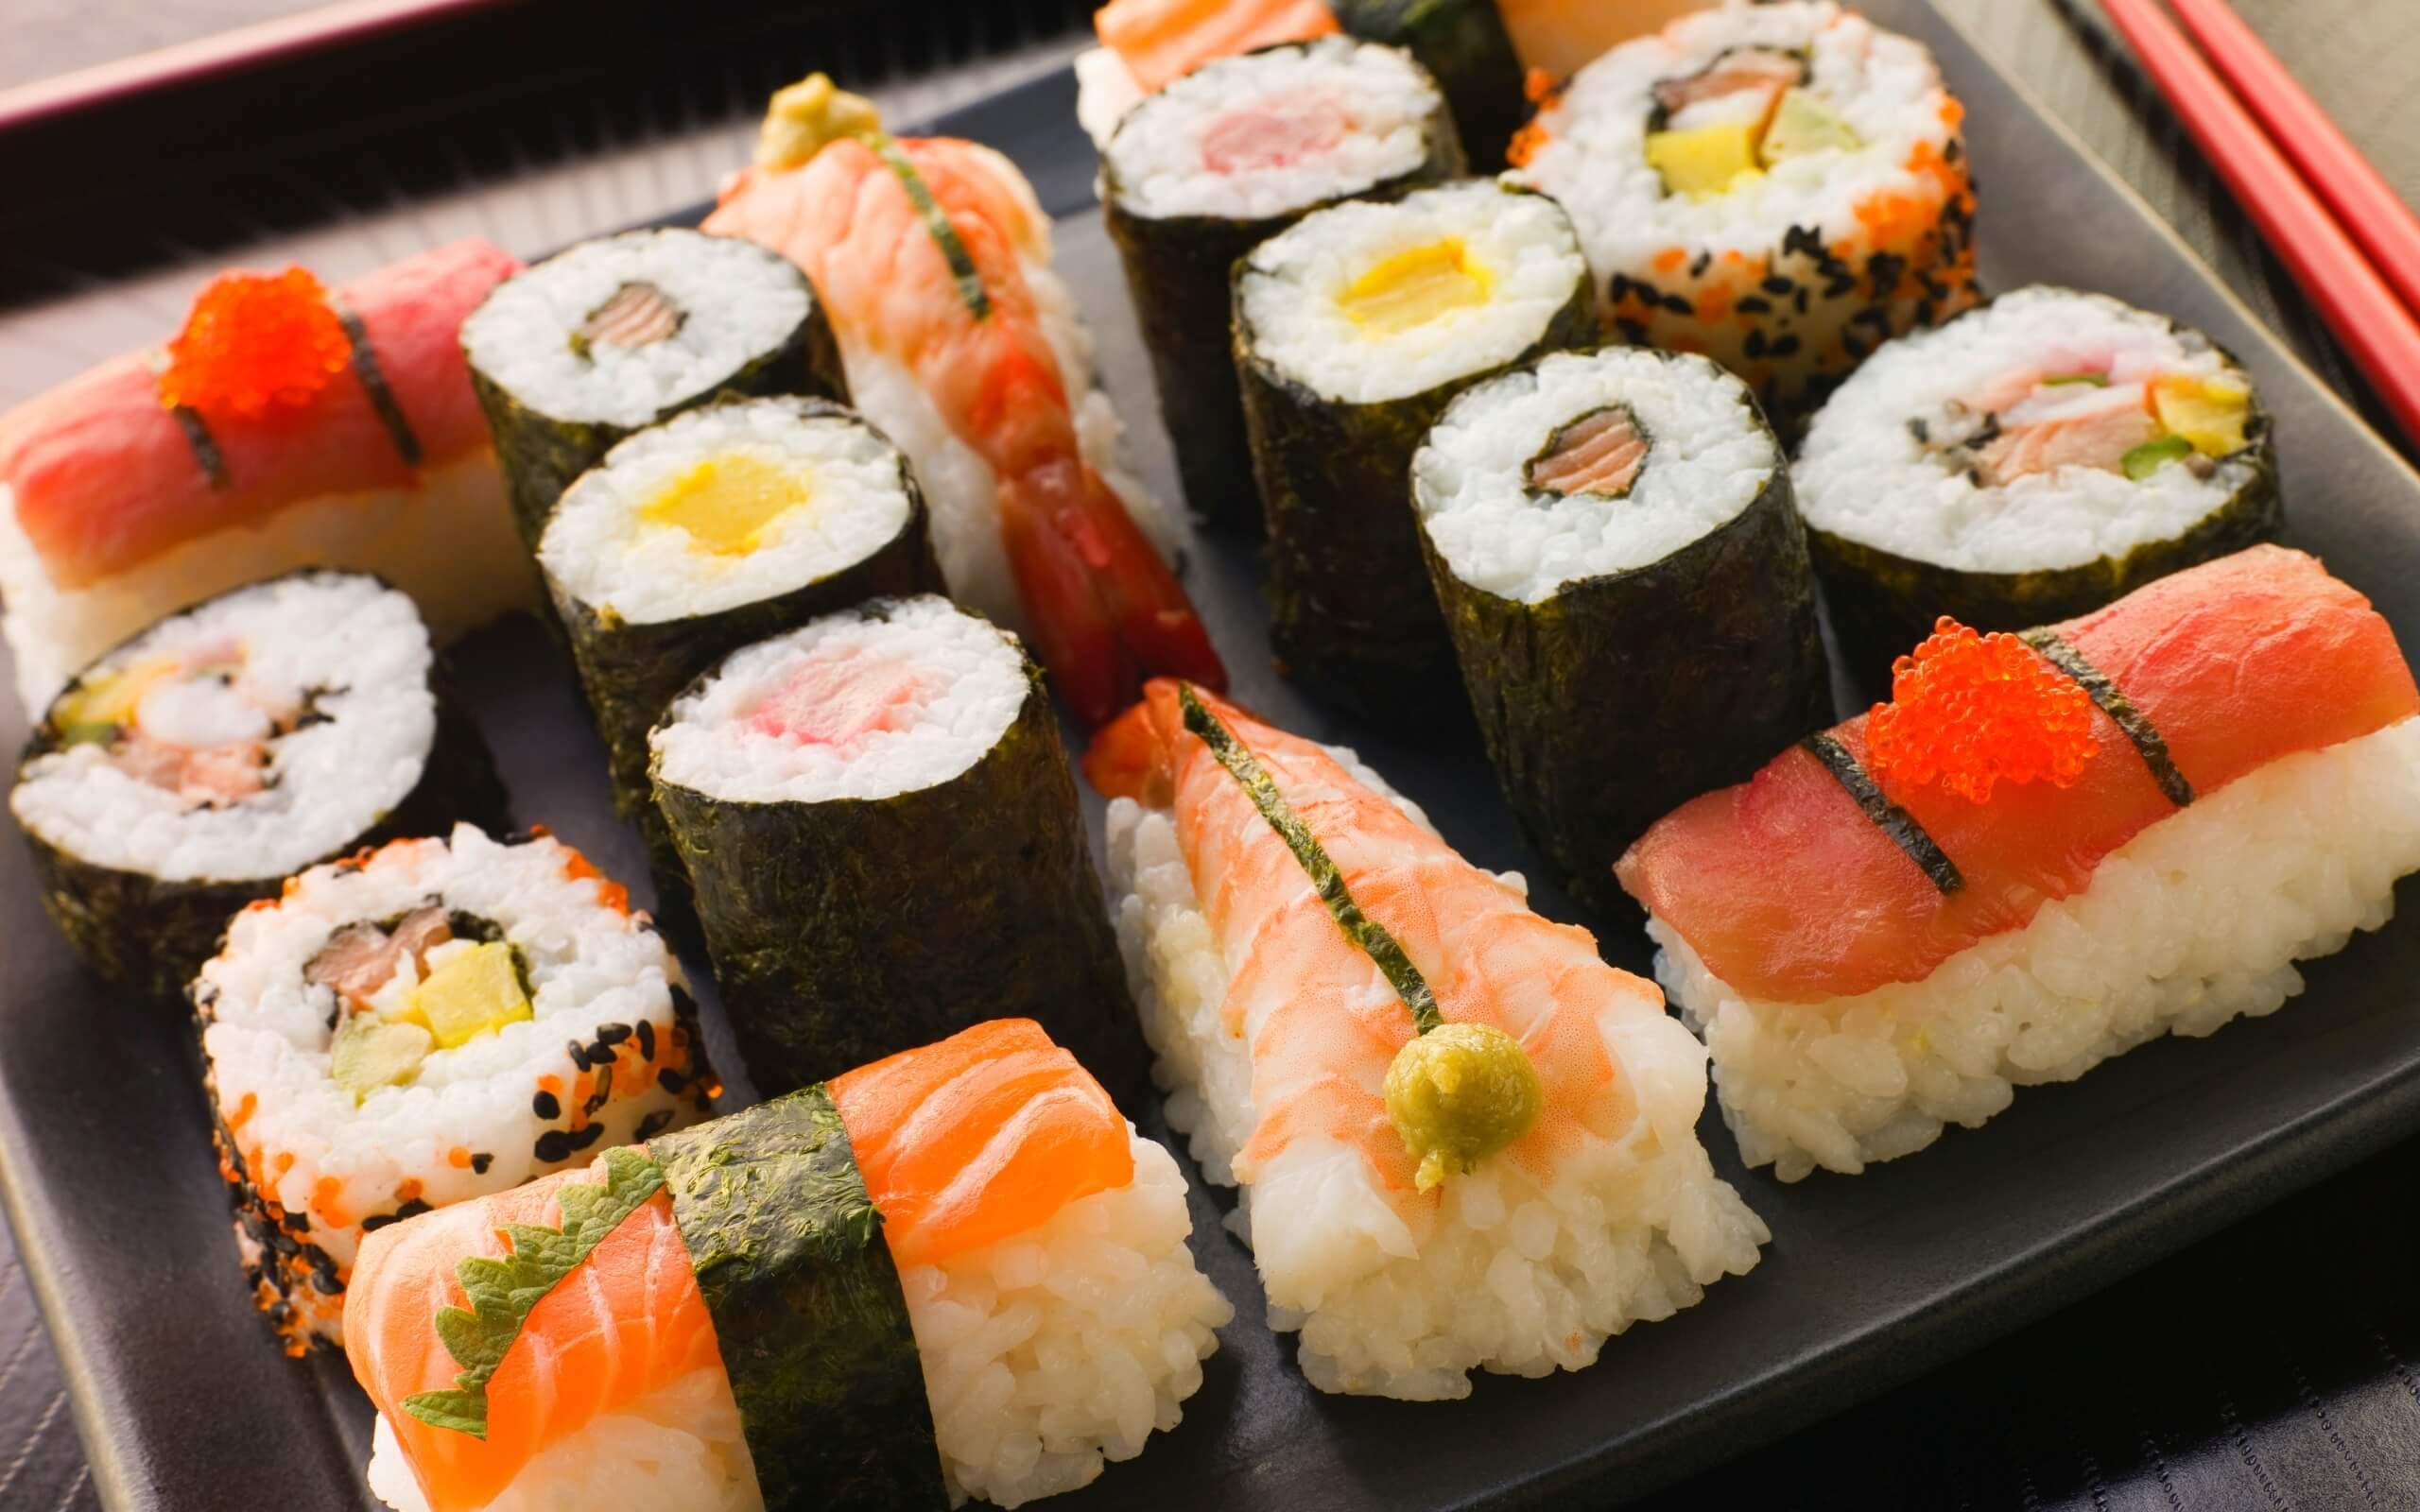 Японские суси: основные разновидности, особенности подачи, польза для организма